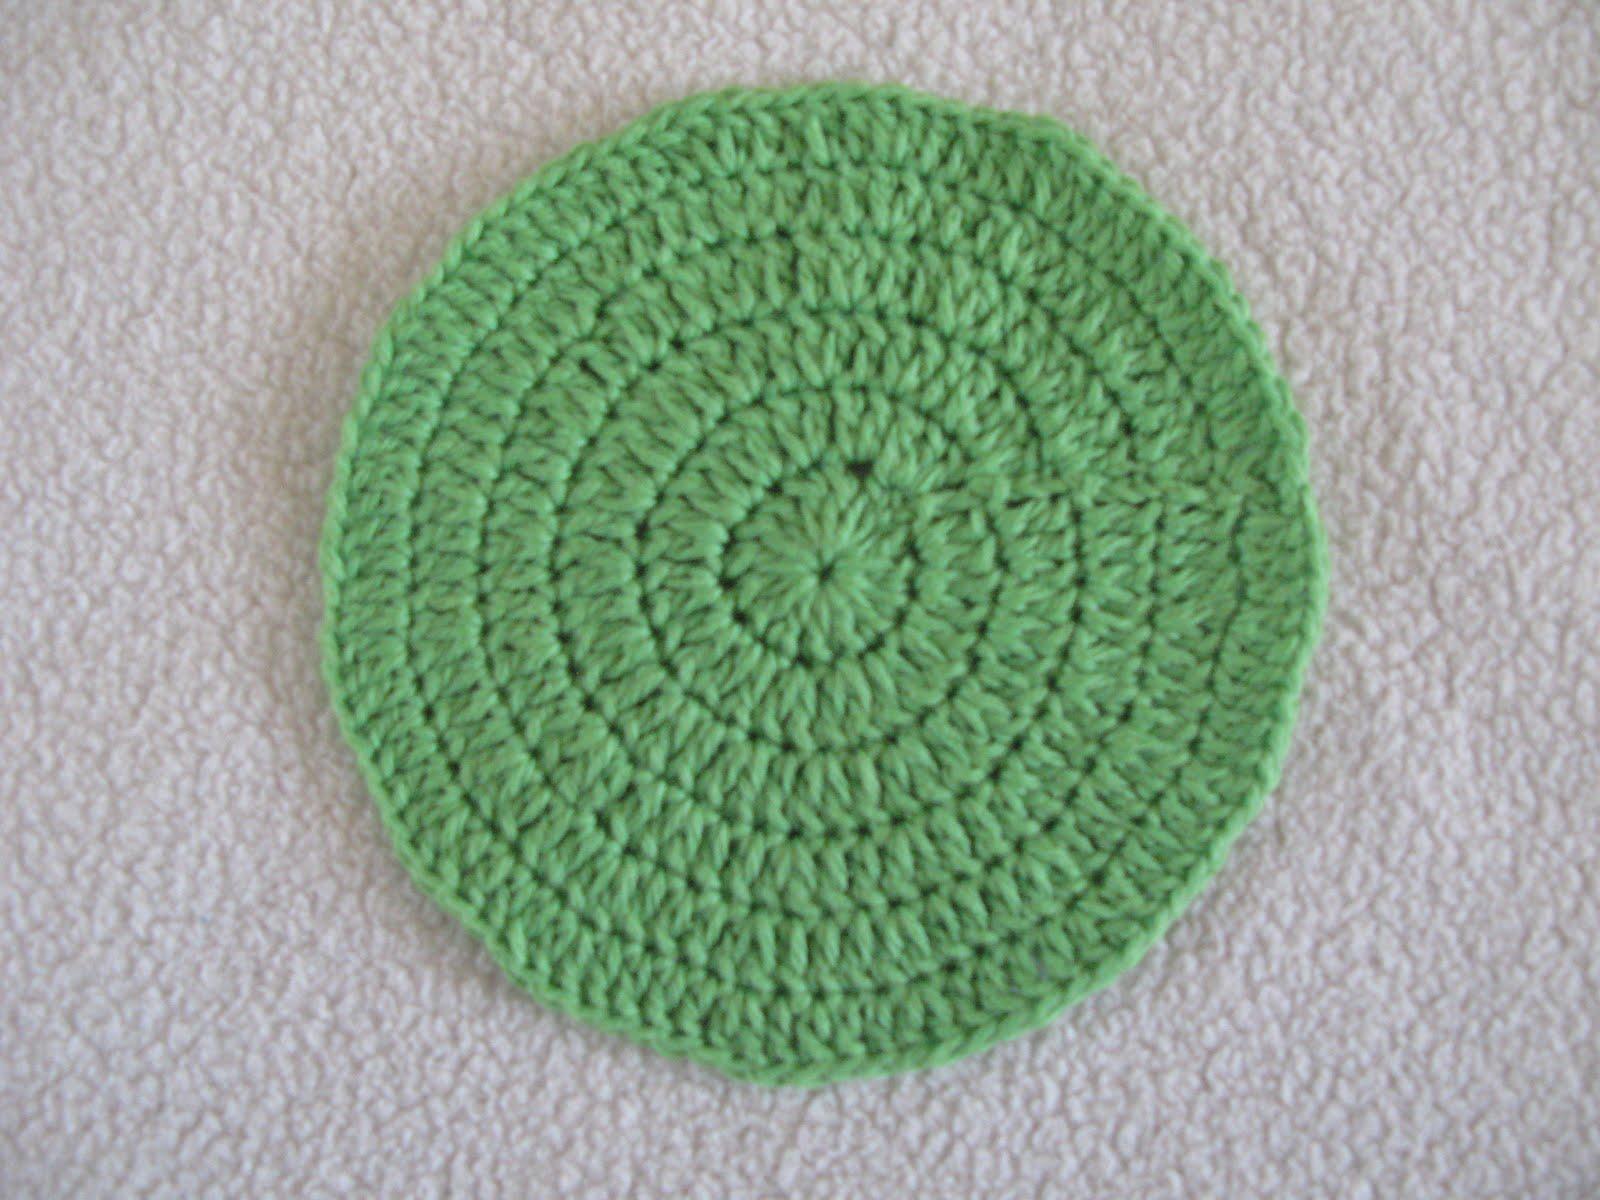 Puulepoon Een Platte Cirkel Van Stokjes